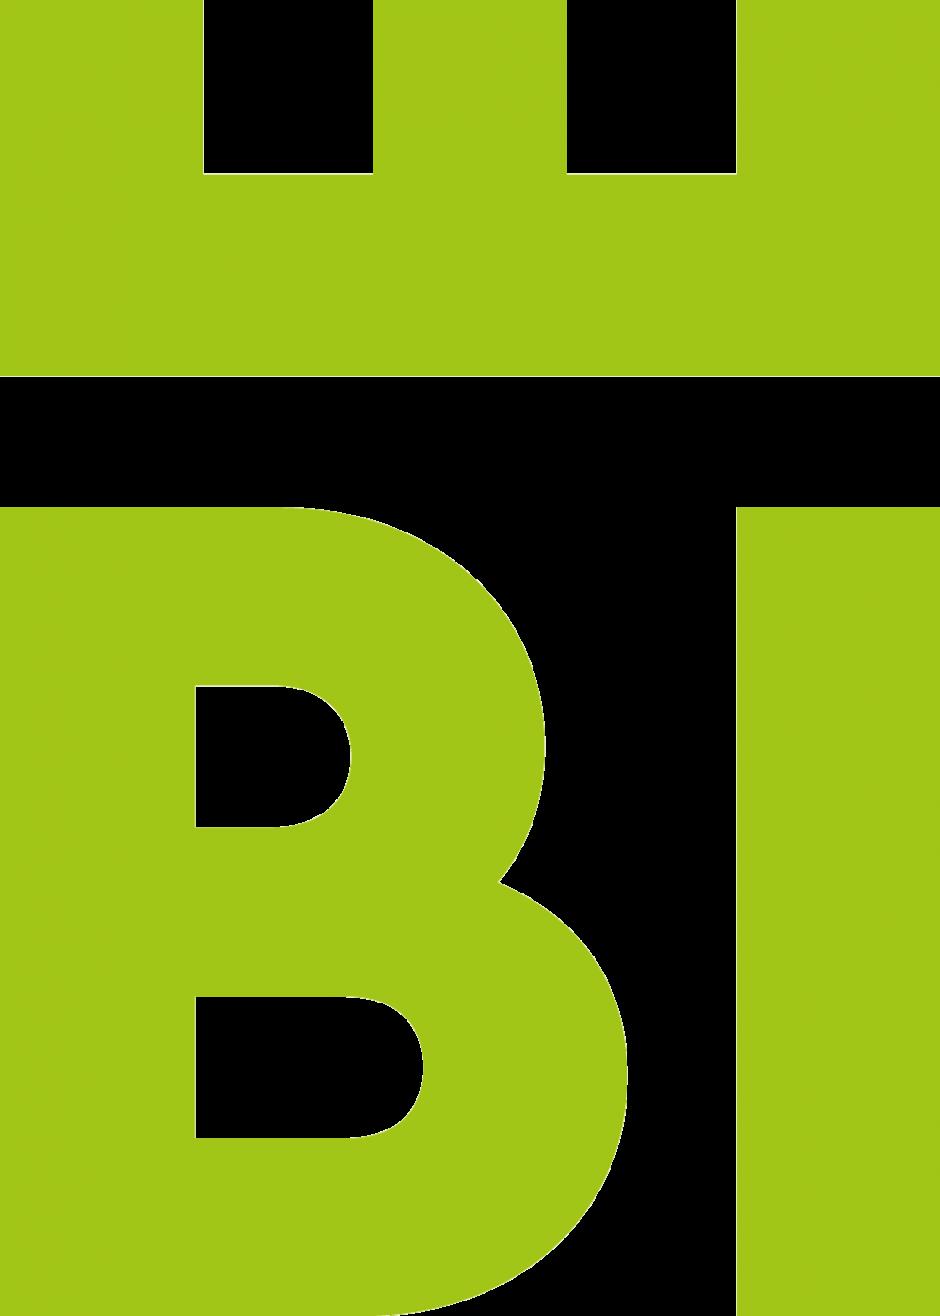 Logovariante hellgrün